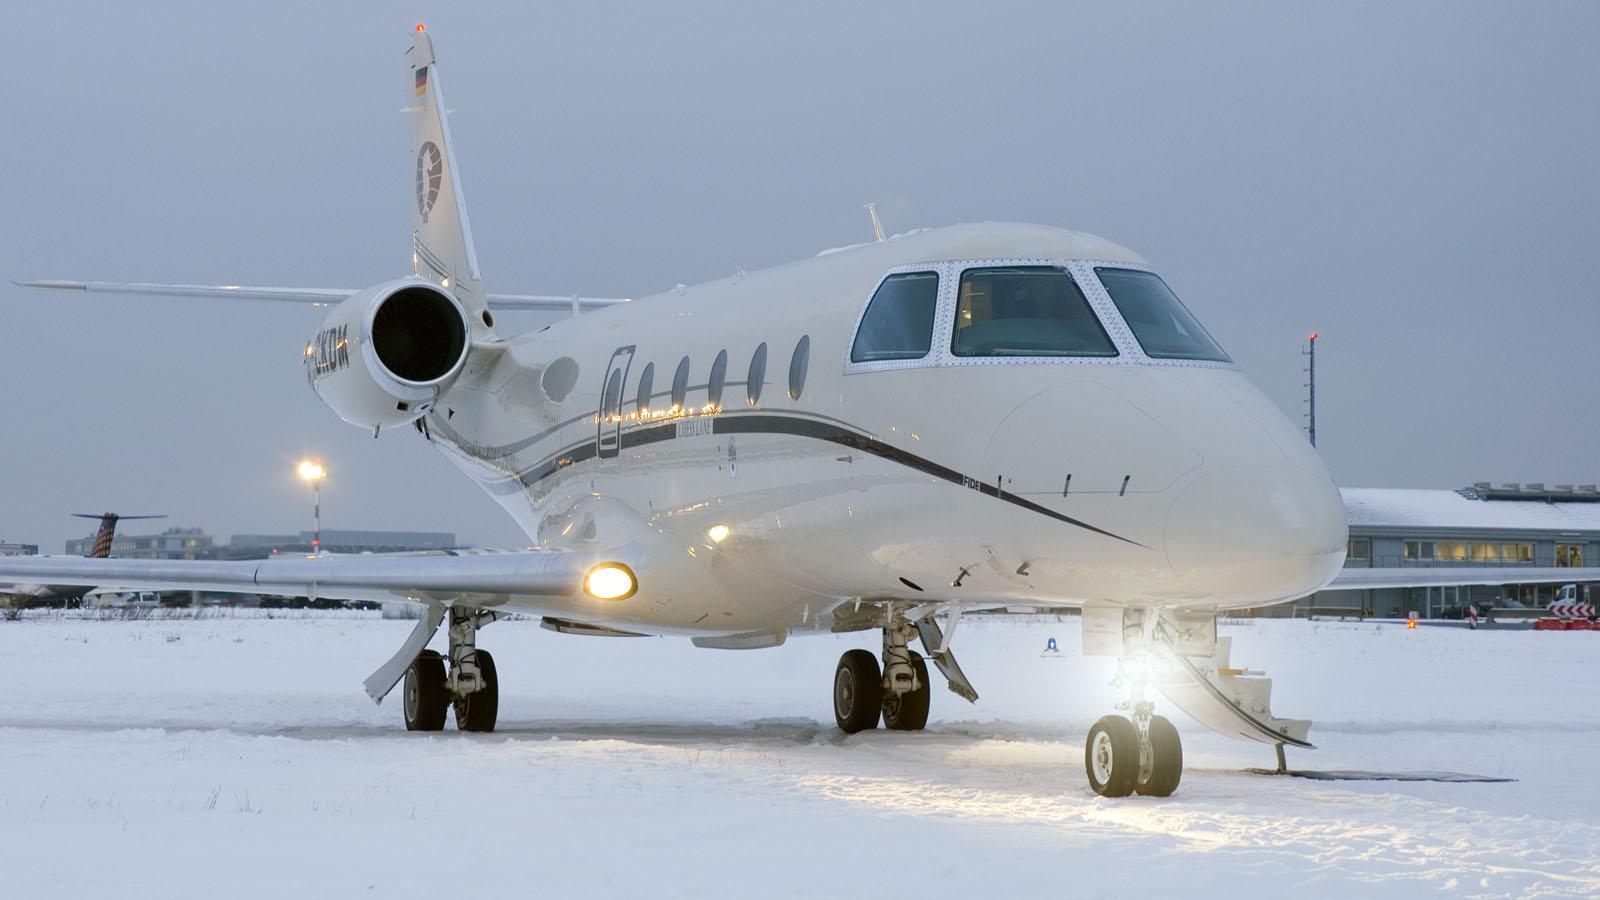 Flugzeug auf Schnee